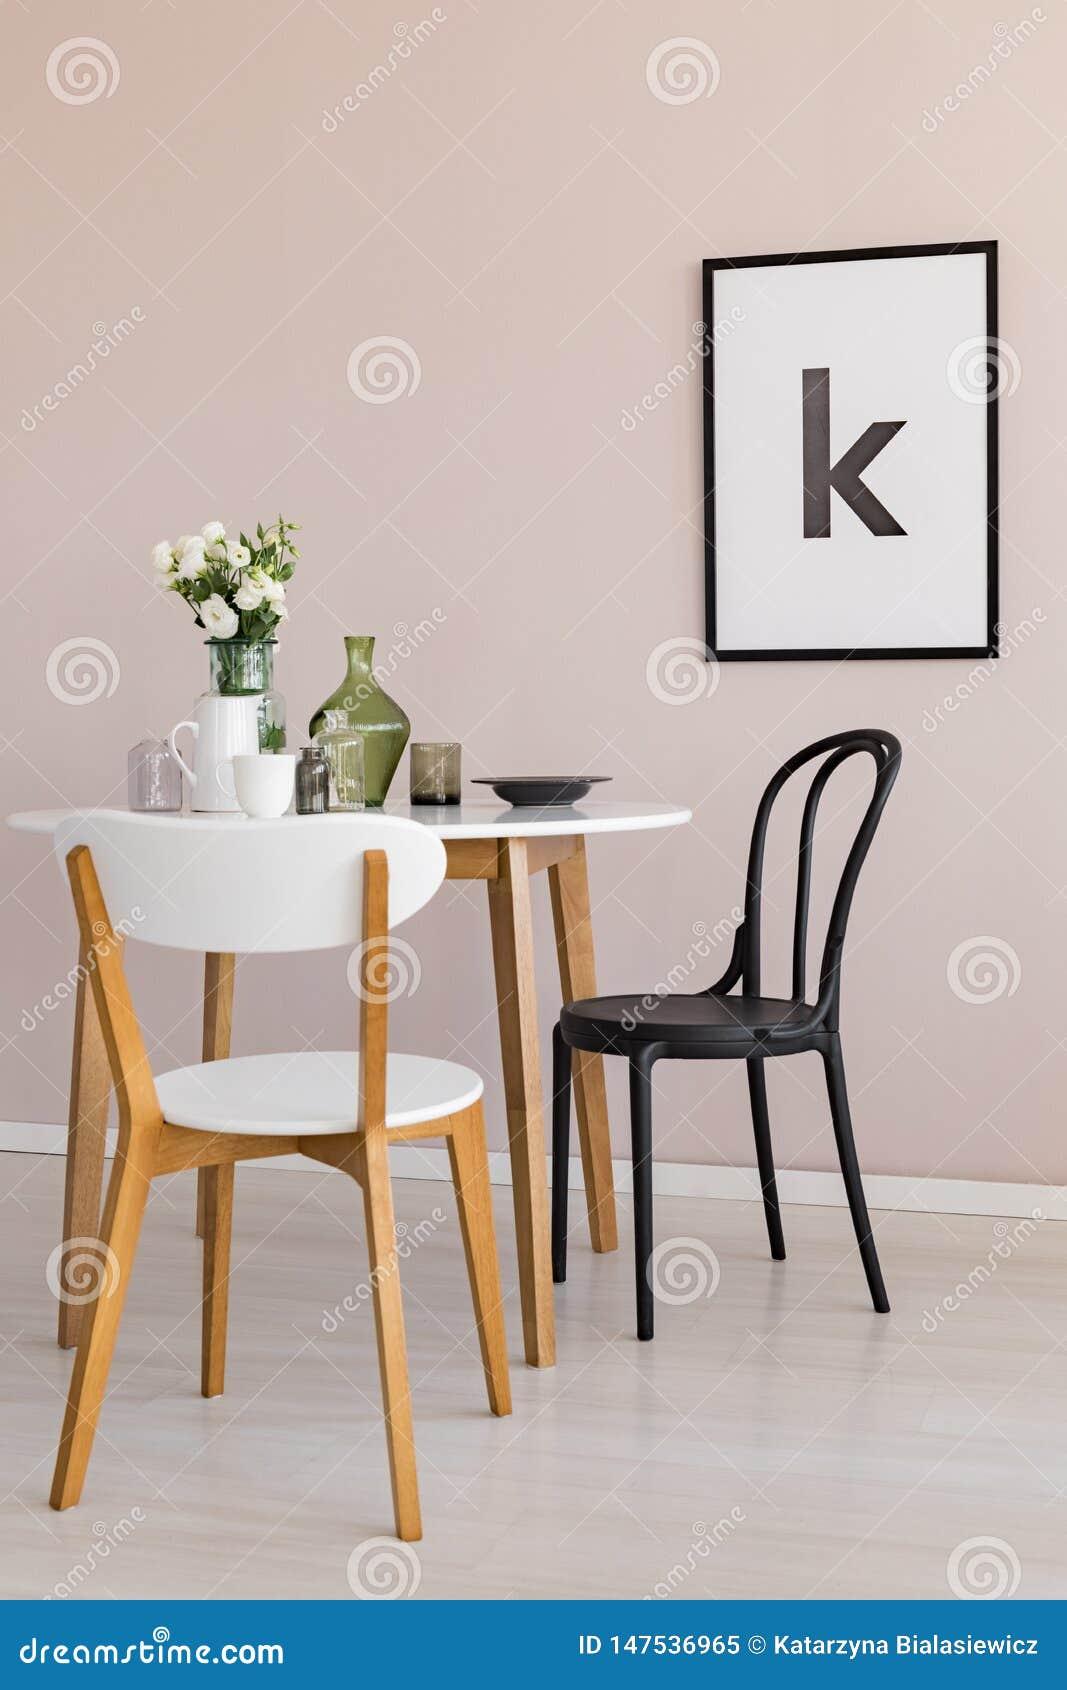 Tavoli Da Pranzo Bianchi.Brocca Tazza Di Caffe E Fiori Bianchi In Vaso Di Vetro Sul Tavolo